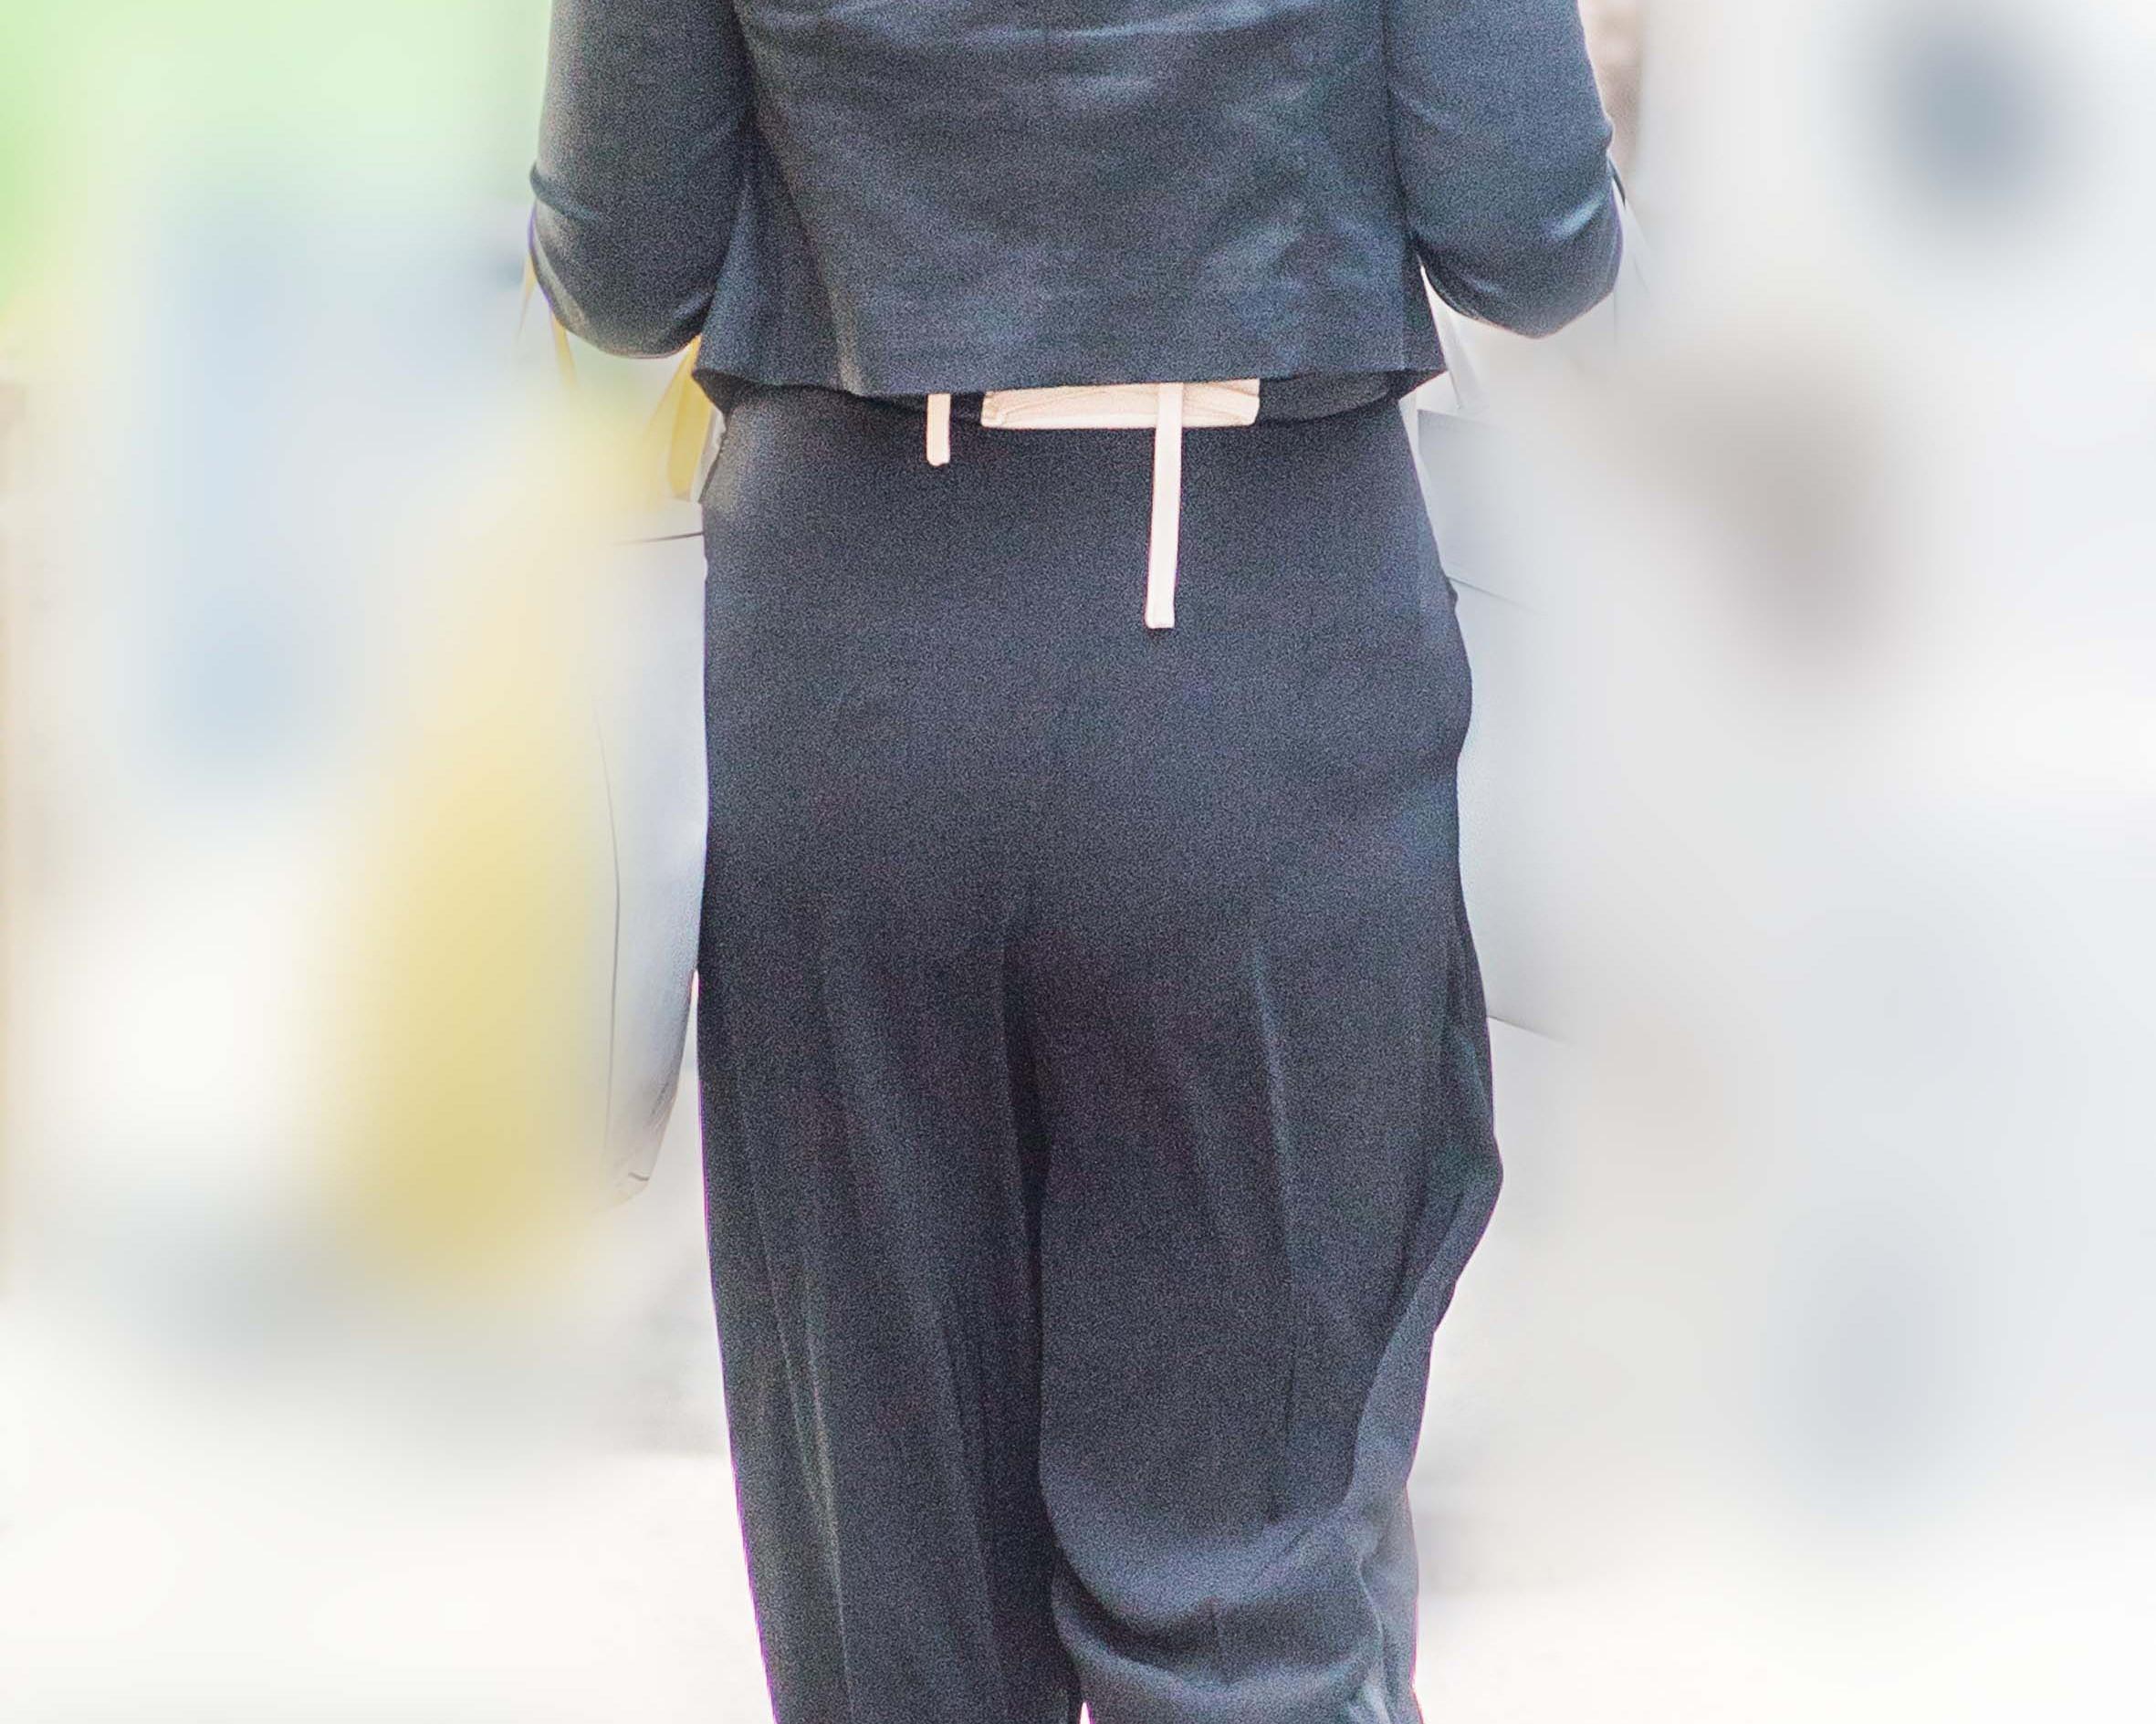 熟女の大きなお尻が左右に揺れる!パンティラインもエロいパンツスーツ!